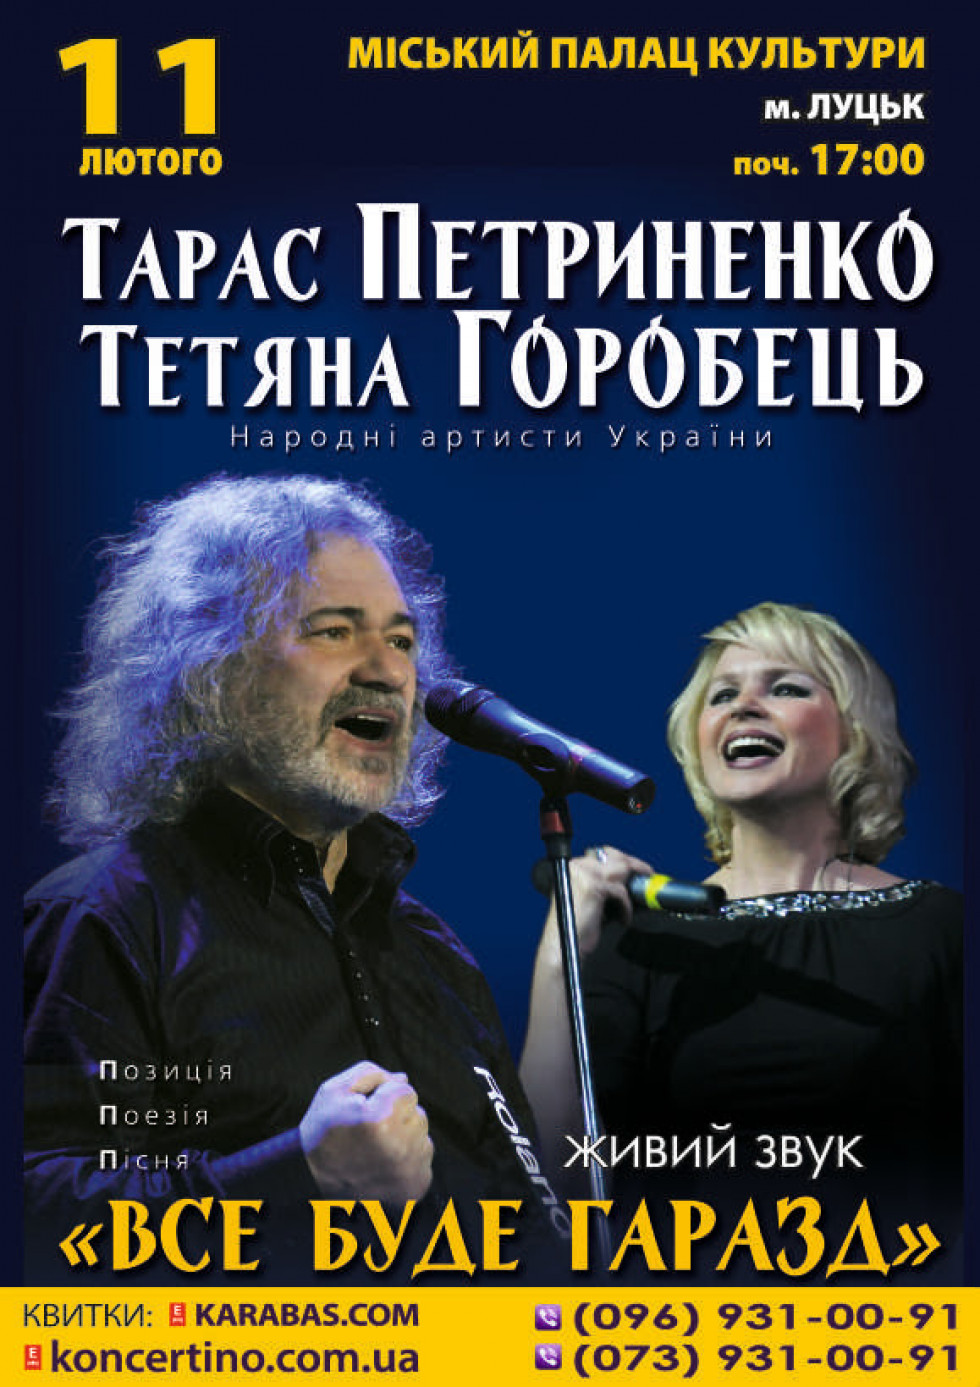 Концерт Тараса Петриненка відбудеться 11 лютого